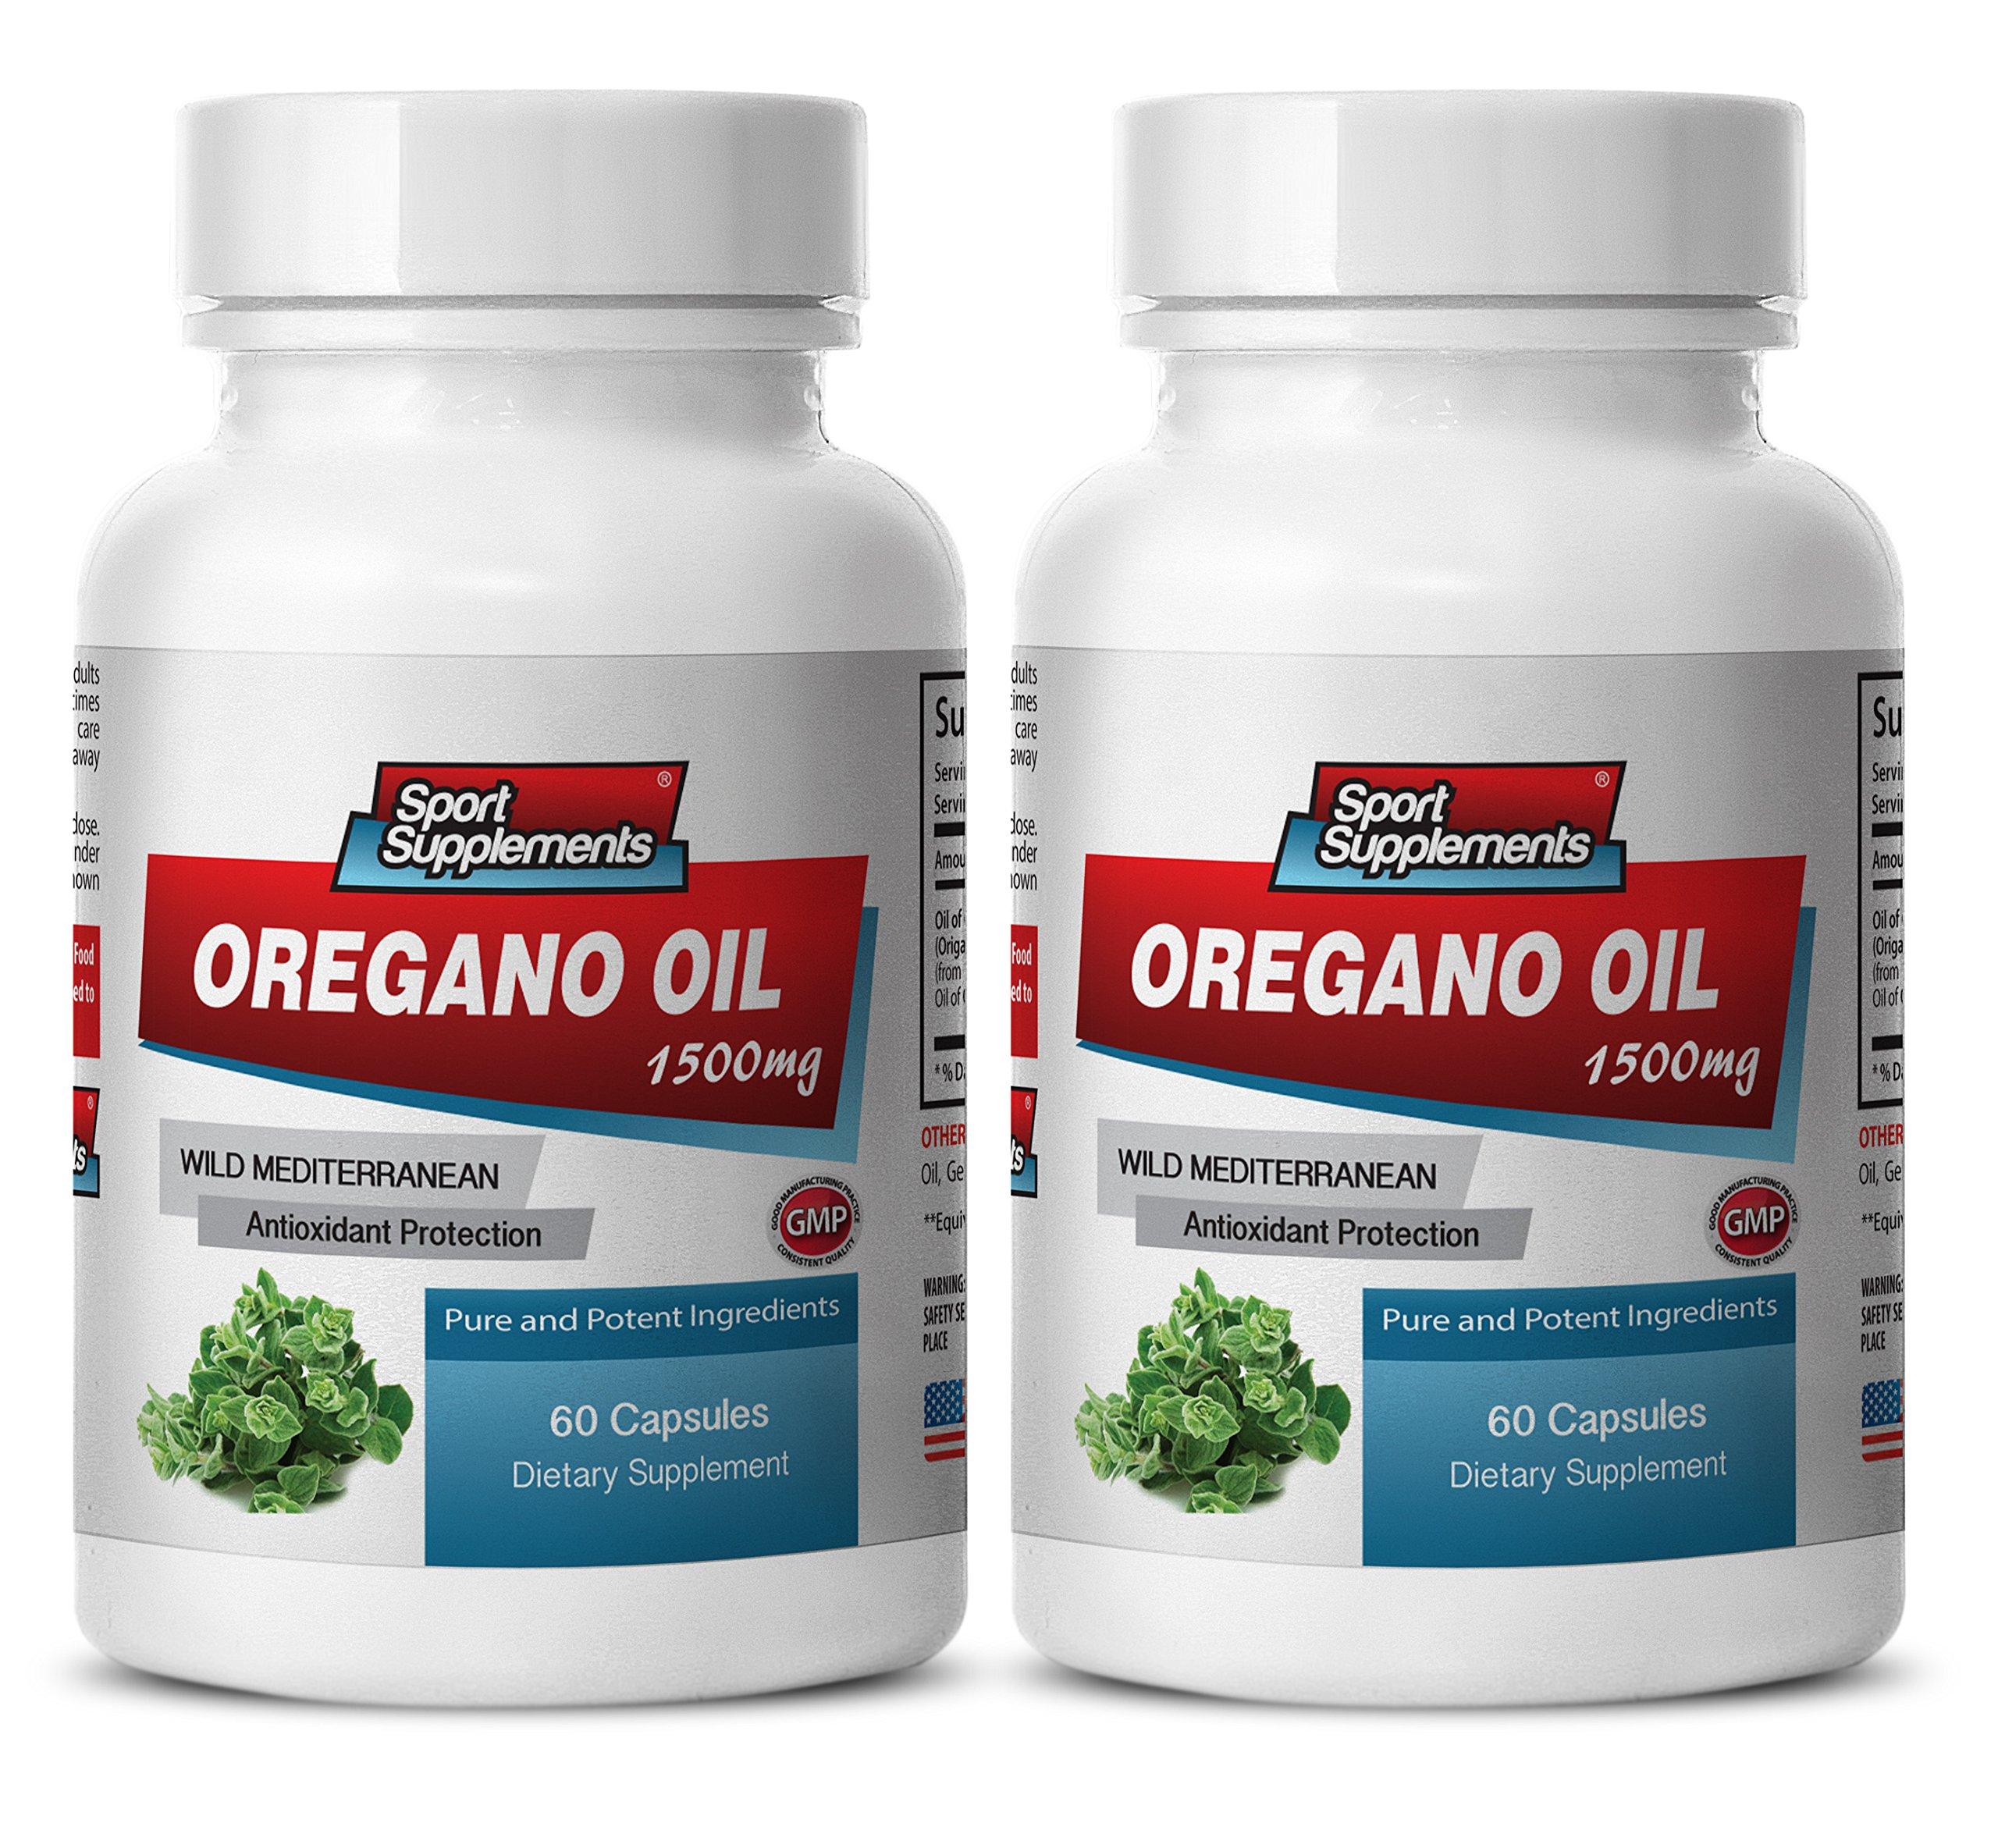 Healthy digestion - OREGANO OIL (WILD MEDITERRANEAN) EXTRACT 1500 - Mediterranean diet - 3 Bottles 180 Capsules by Sport Supplements